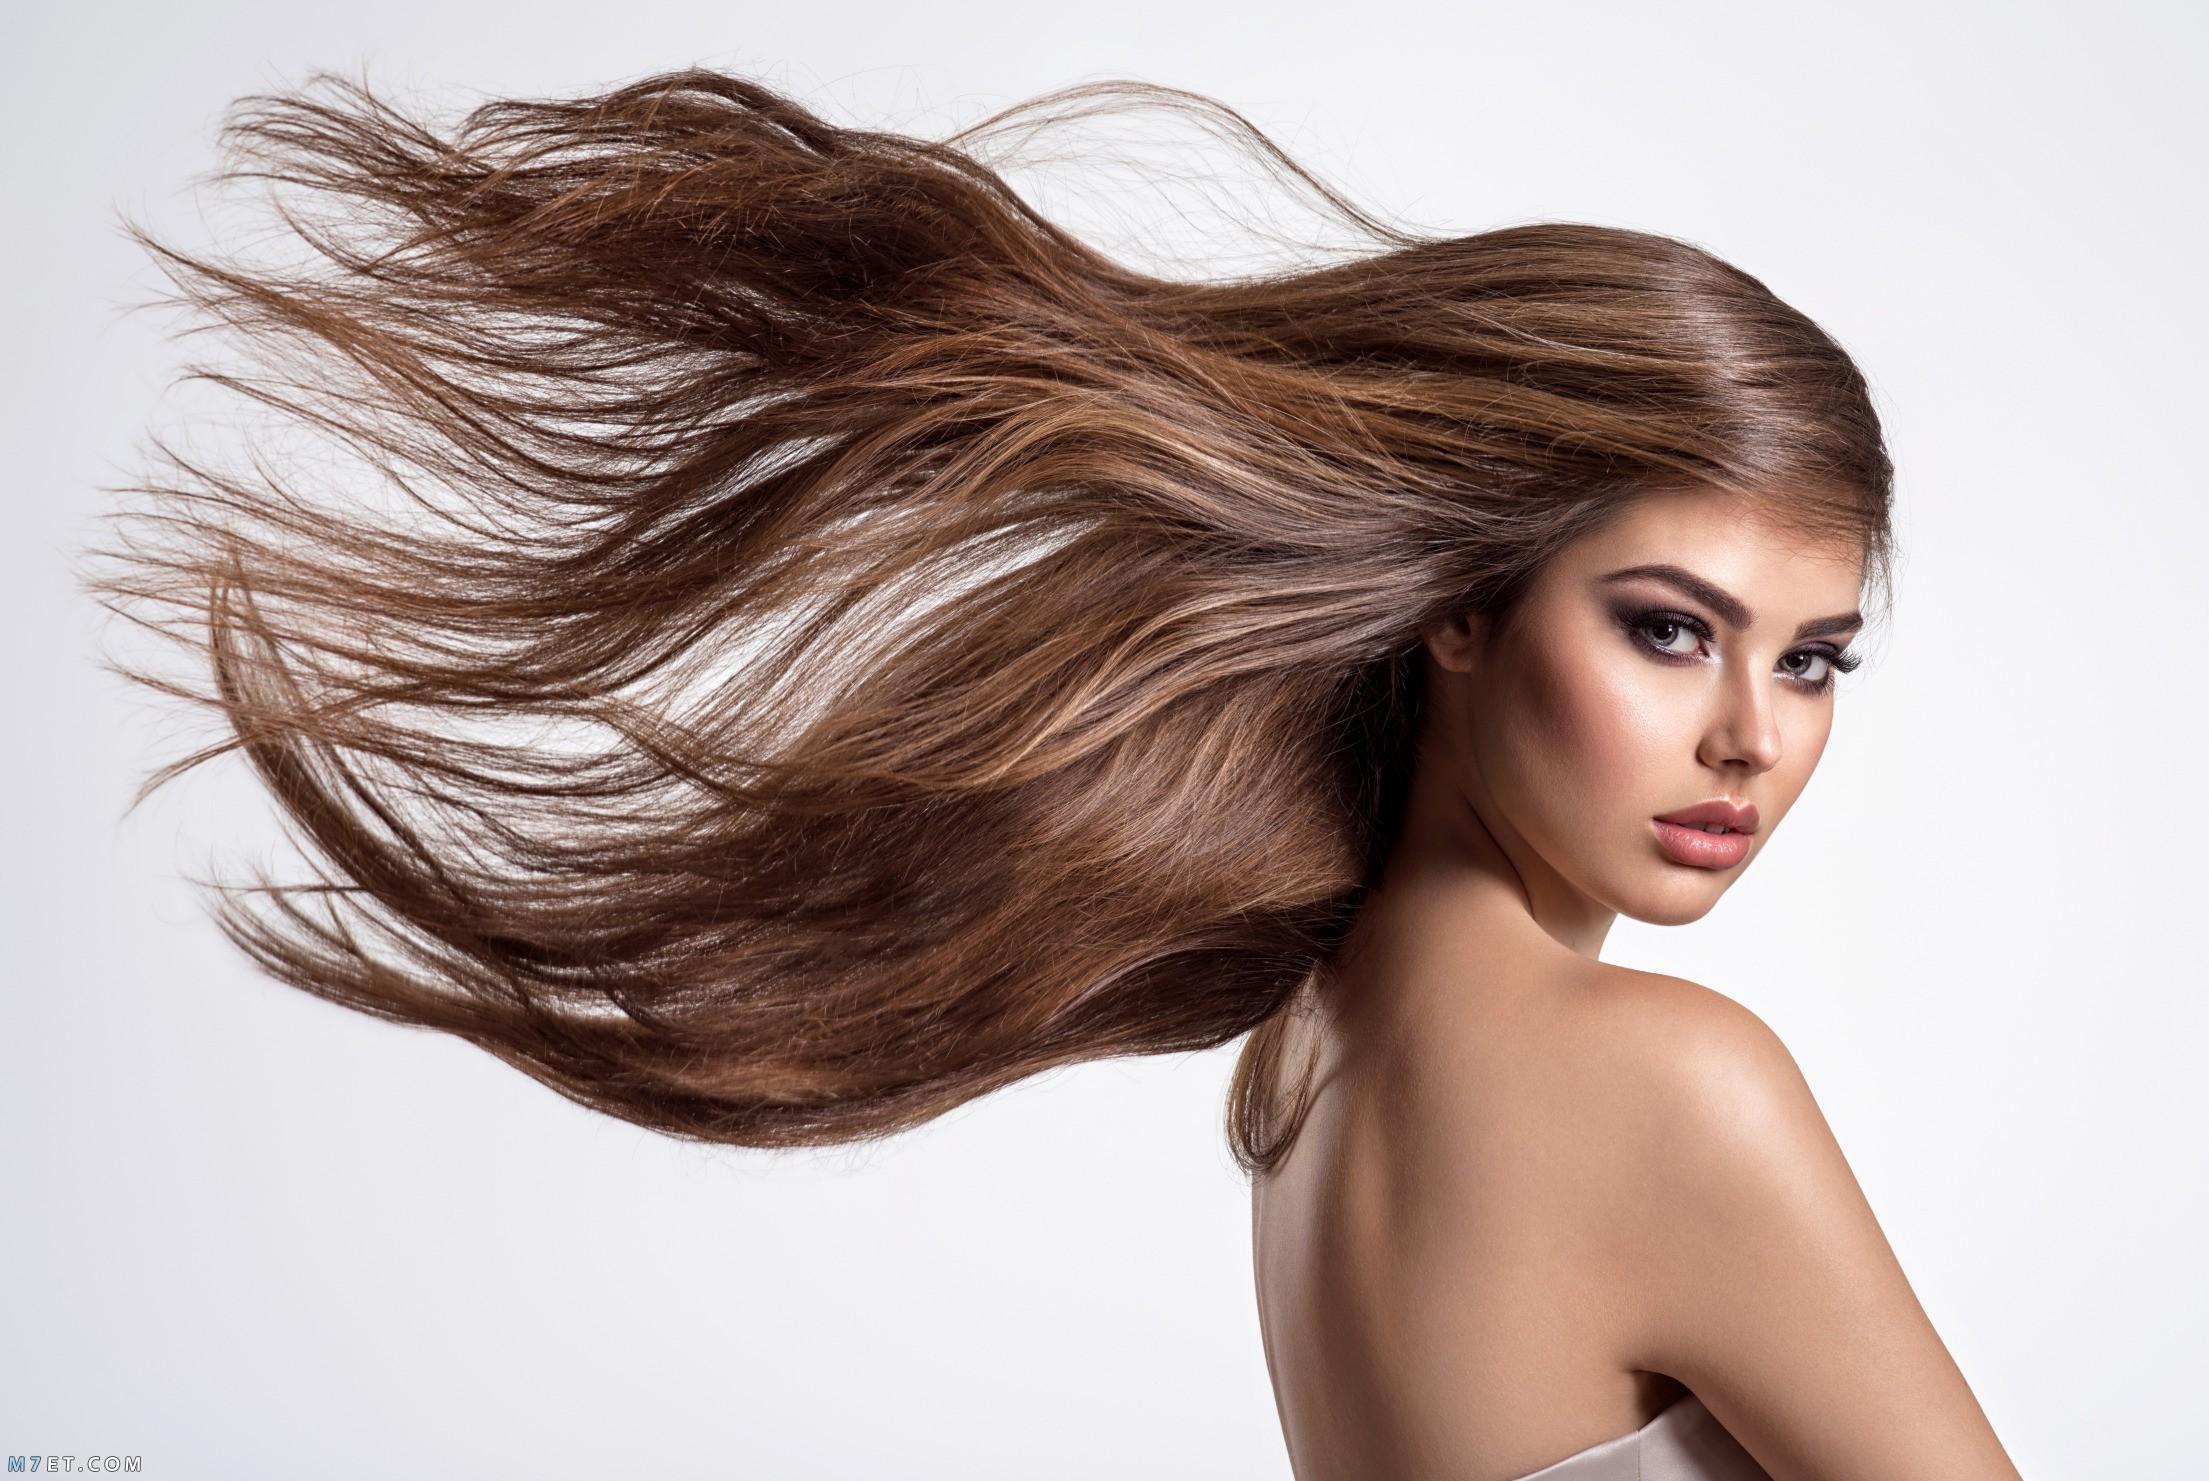 تأثير الماء على الشعر